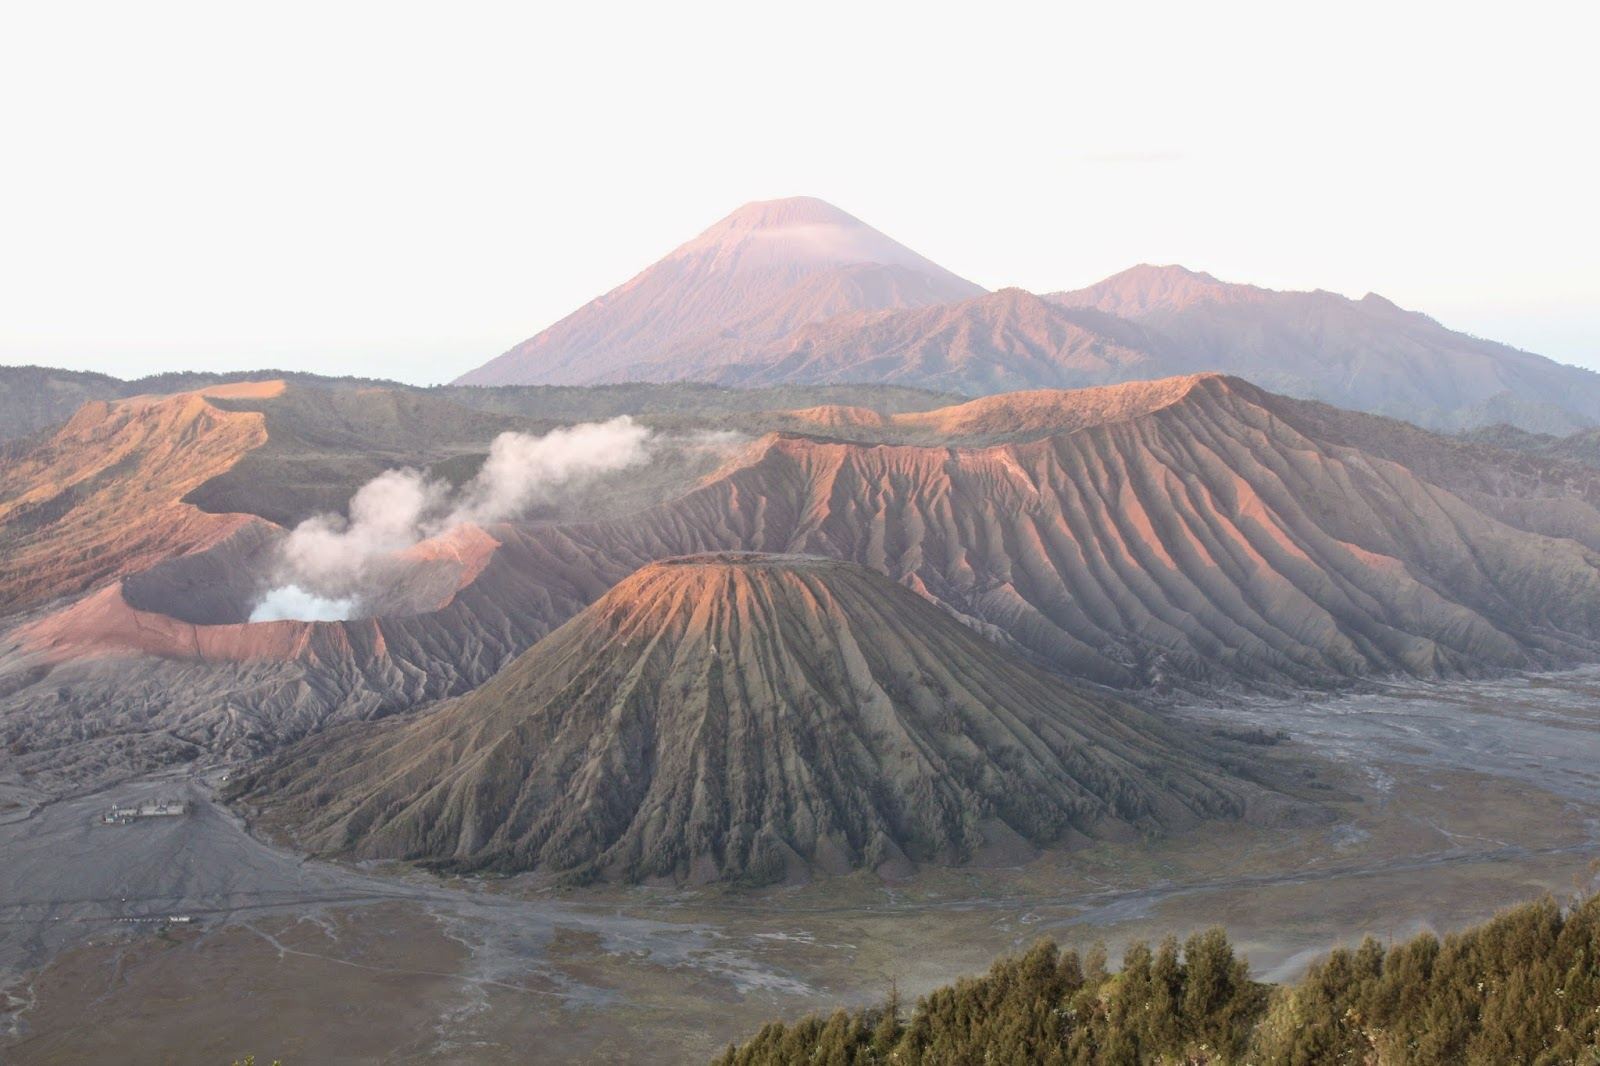 藍小龍: 小龍遊記@婆羅摩火山 伊真火山 泗水 印尼 (Mt. Bromo & Ijen Caldera BlueFire)